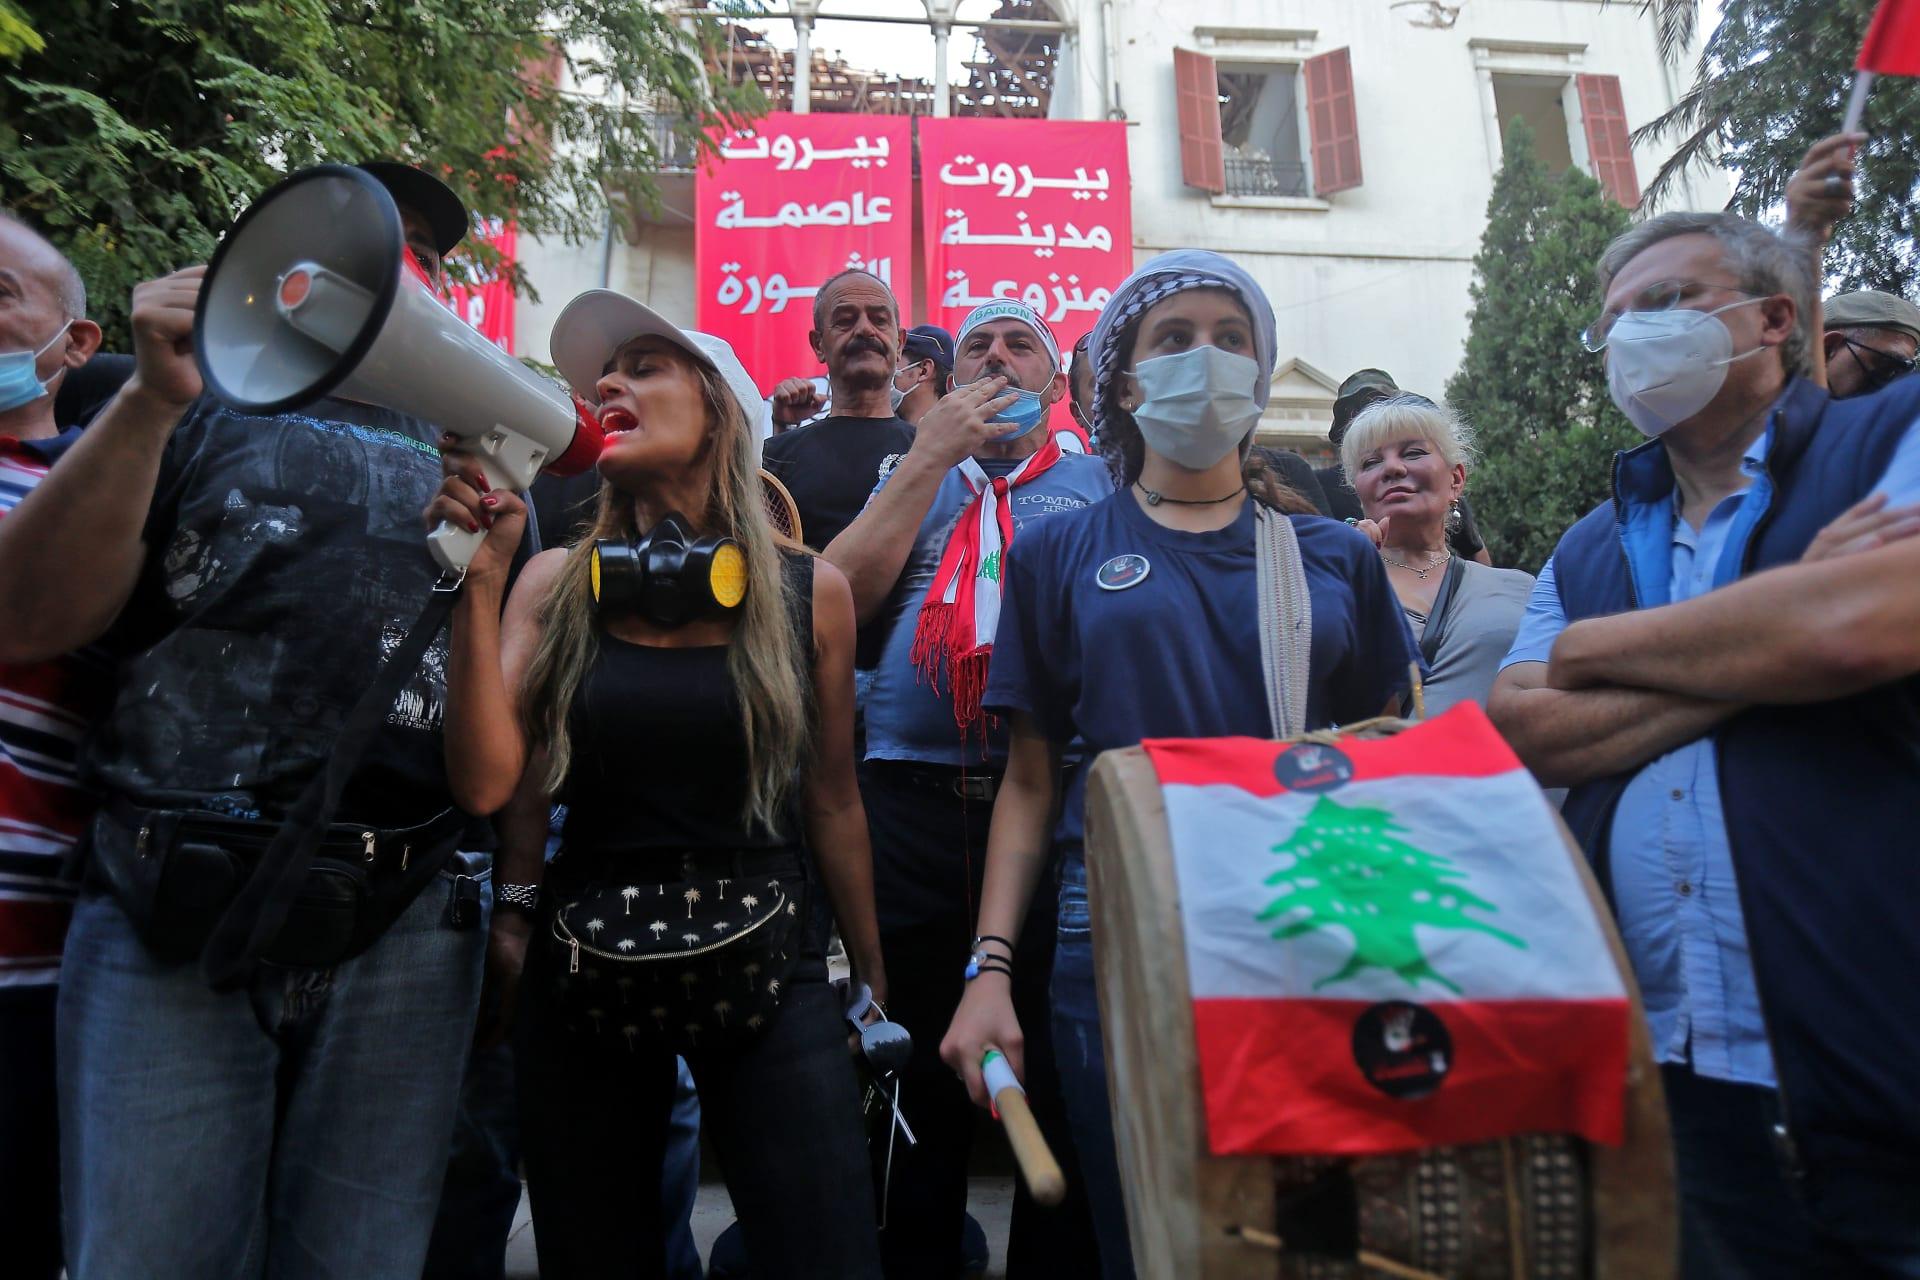 وزير الخارجية اللبناني لـCNN: المبنى كان خاليا عندما اقتحمه المحتجون